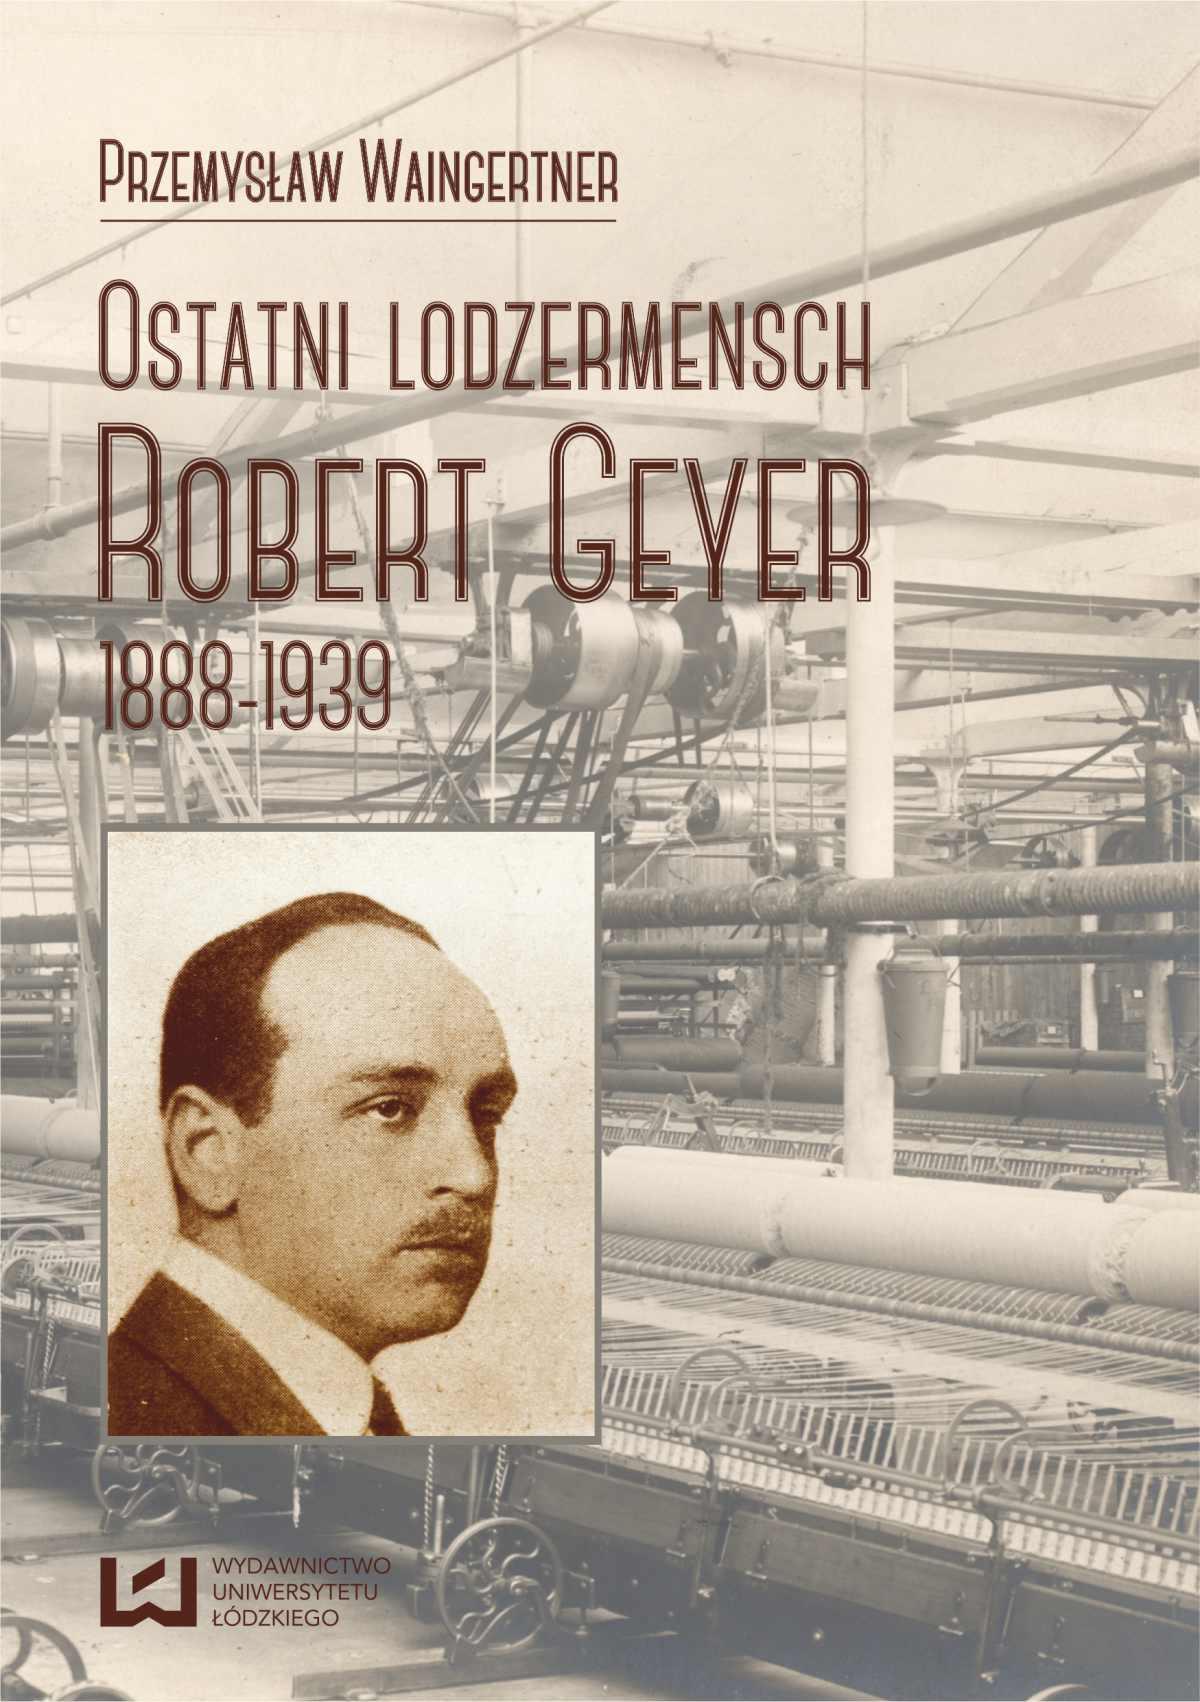 Ostatni lodzermensch. Robert Geyer 1888-1939 - Ebook (Książka EPUB) do pobrania w formacie EPUB